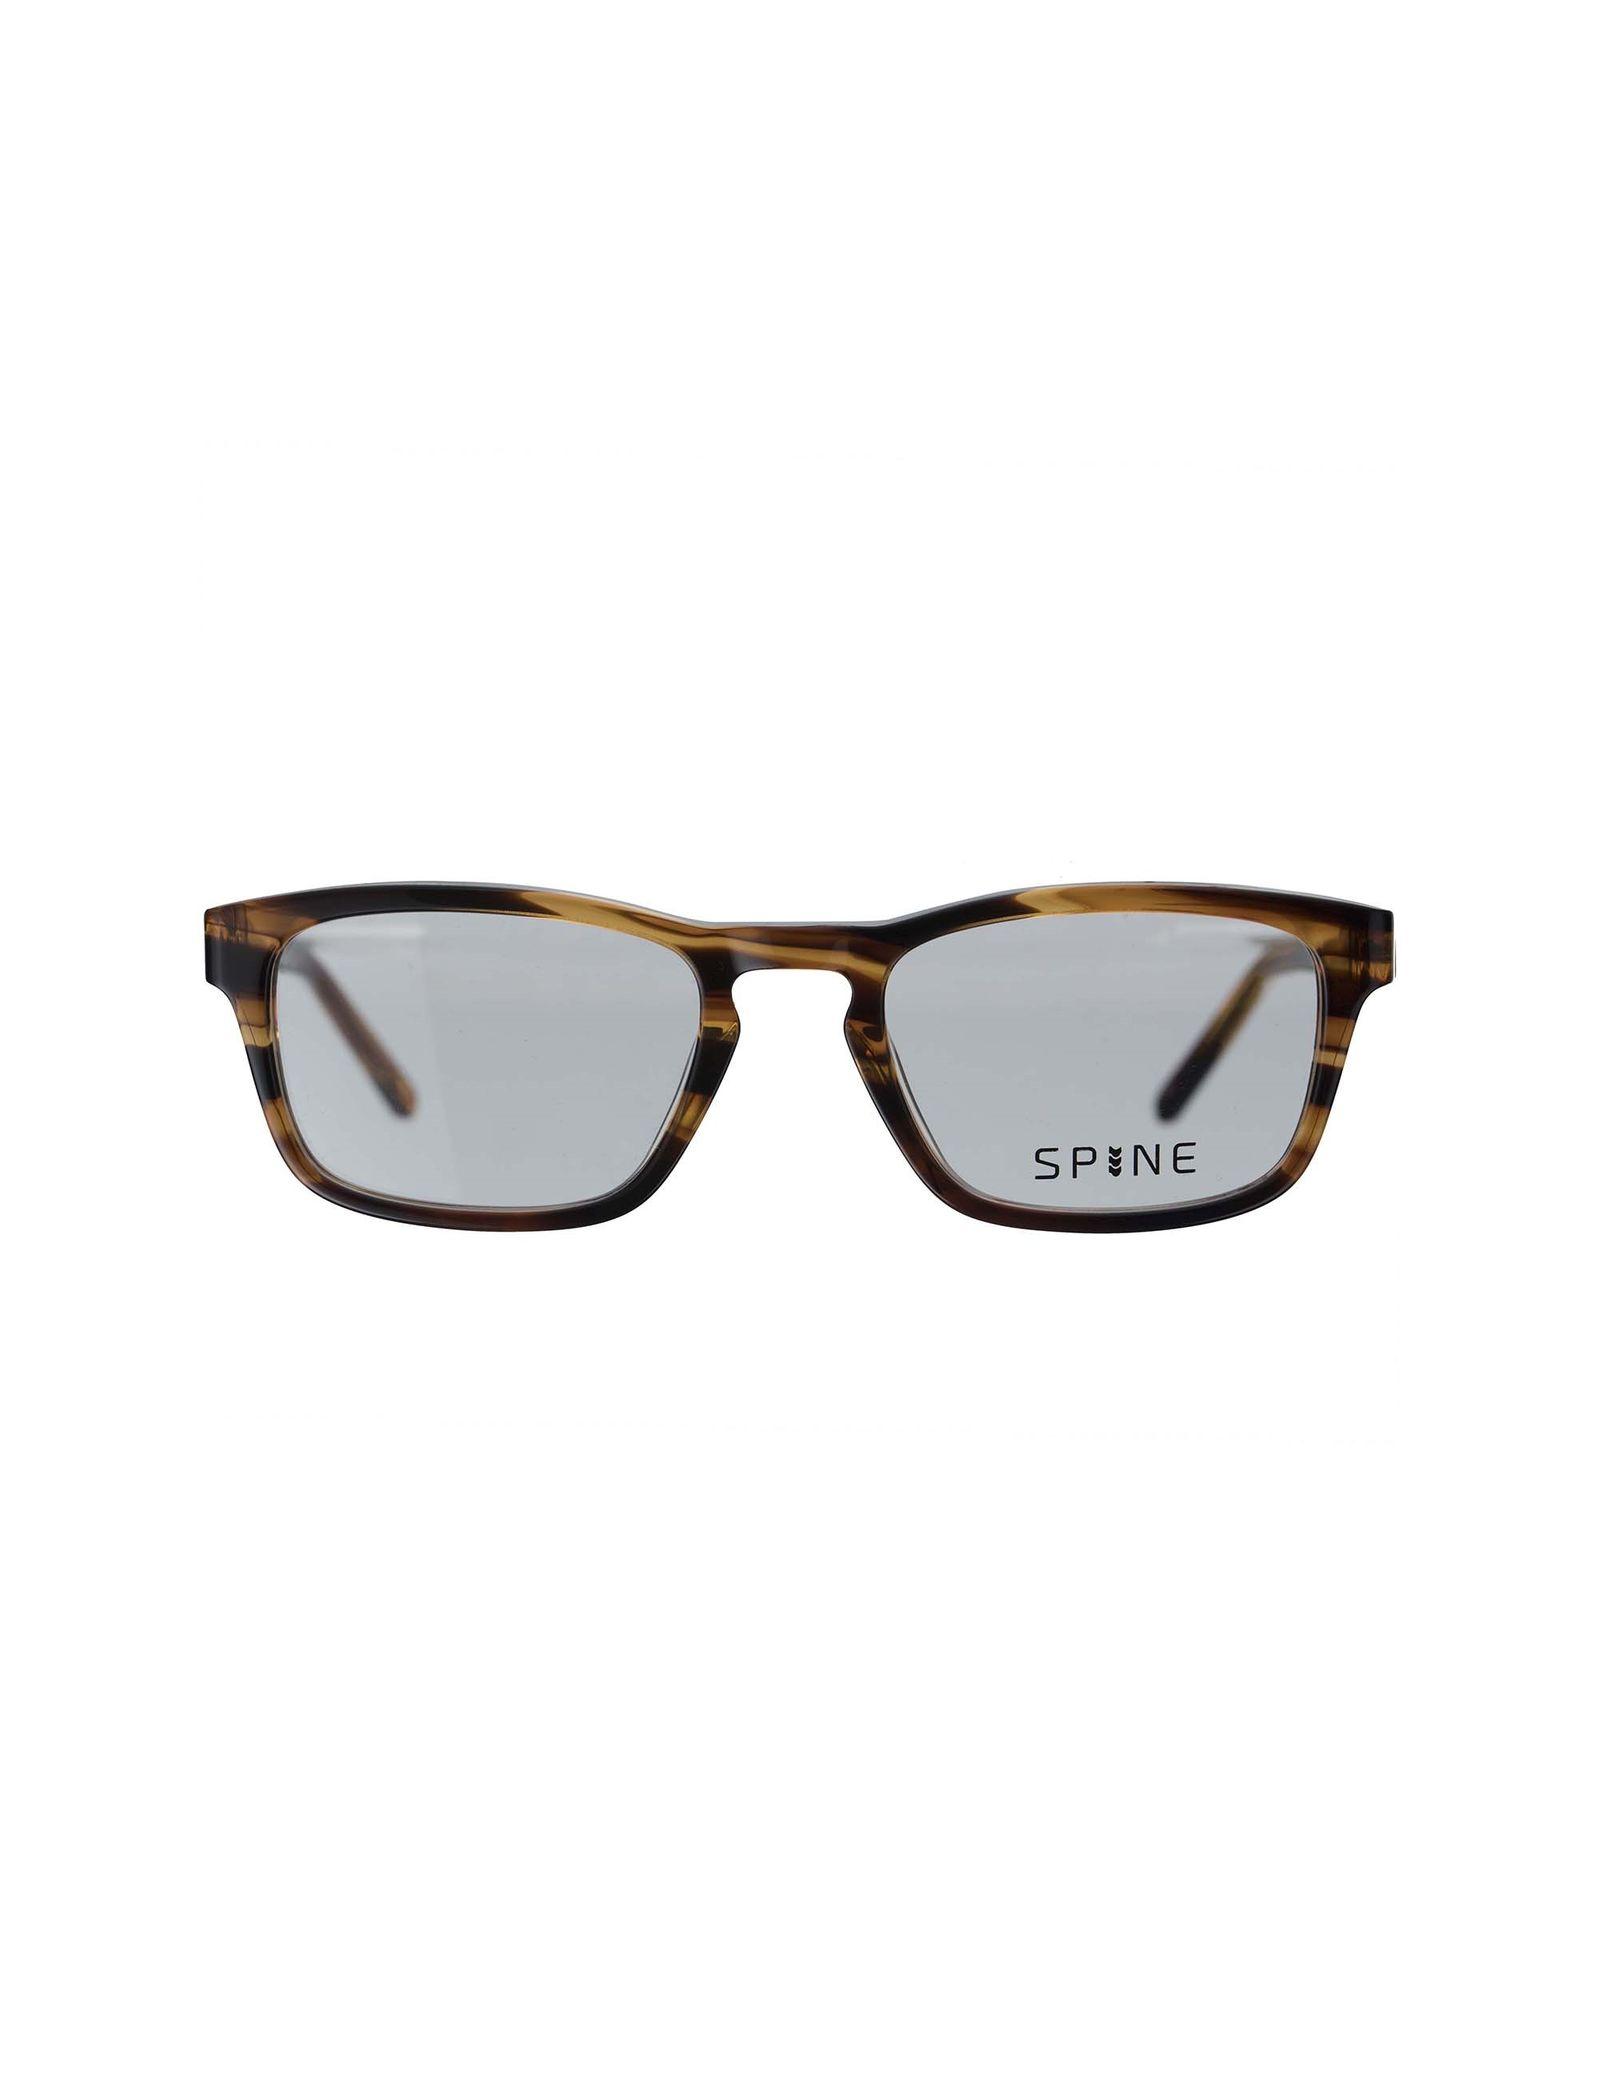 عینک طبی ویفرر زنانه - اسپاین - قهوه اي - 3